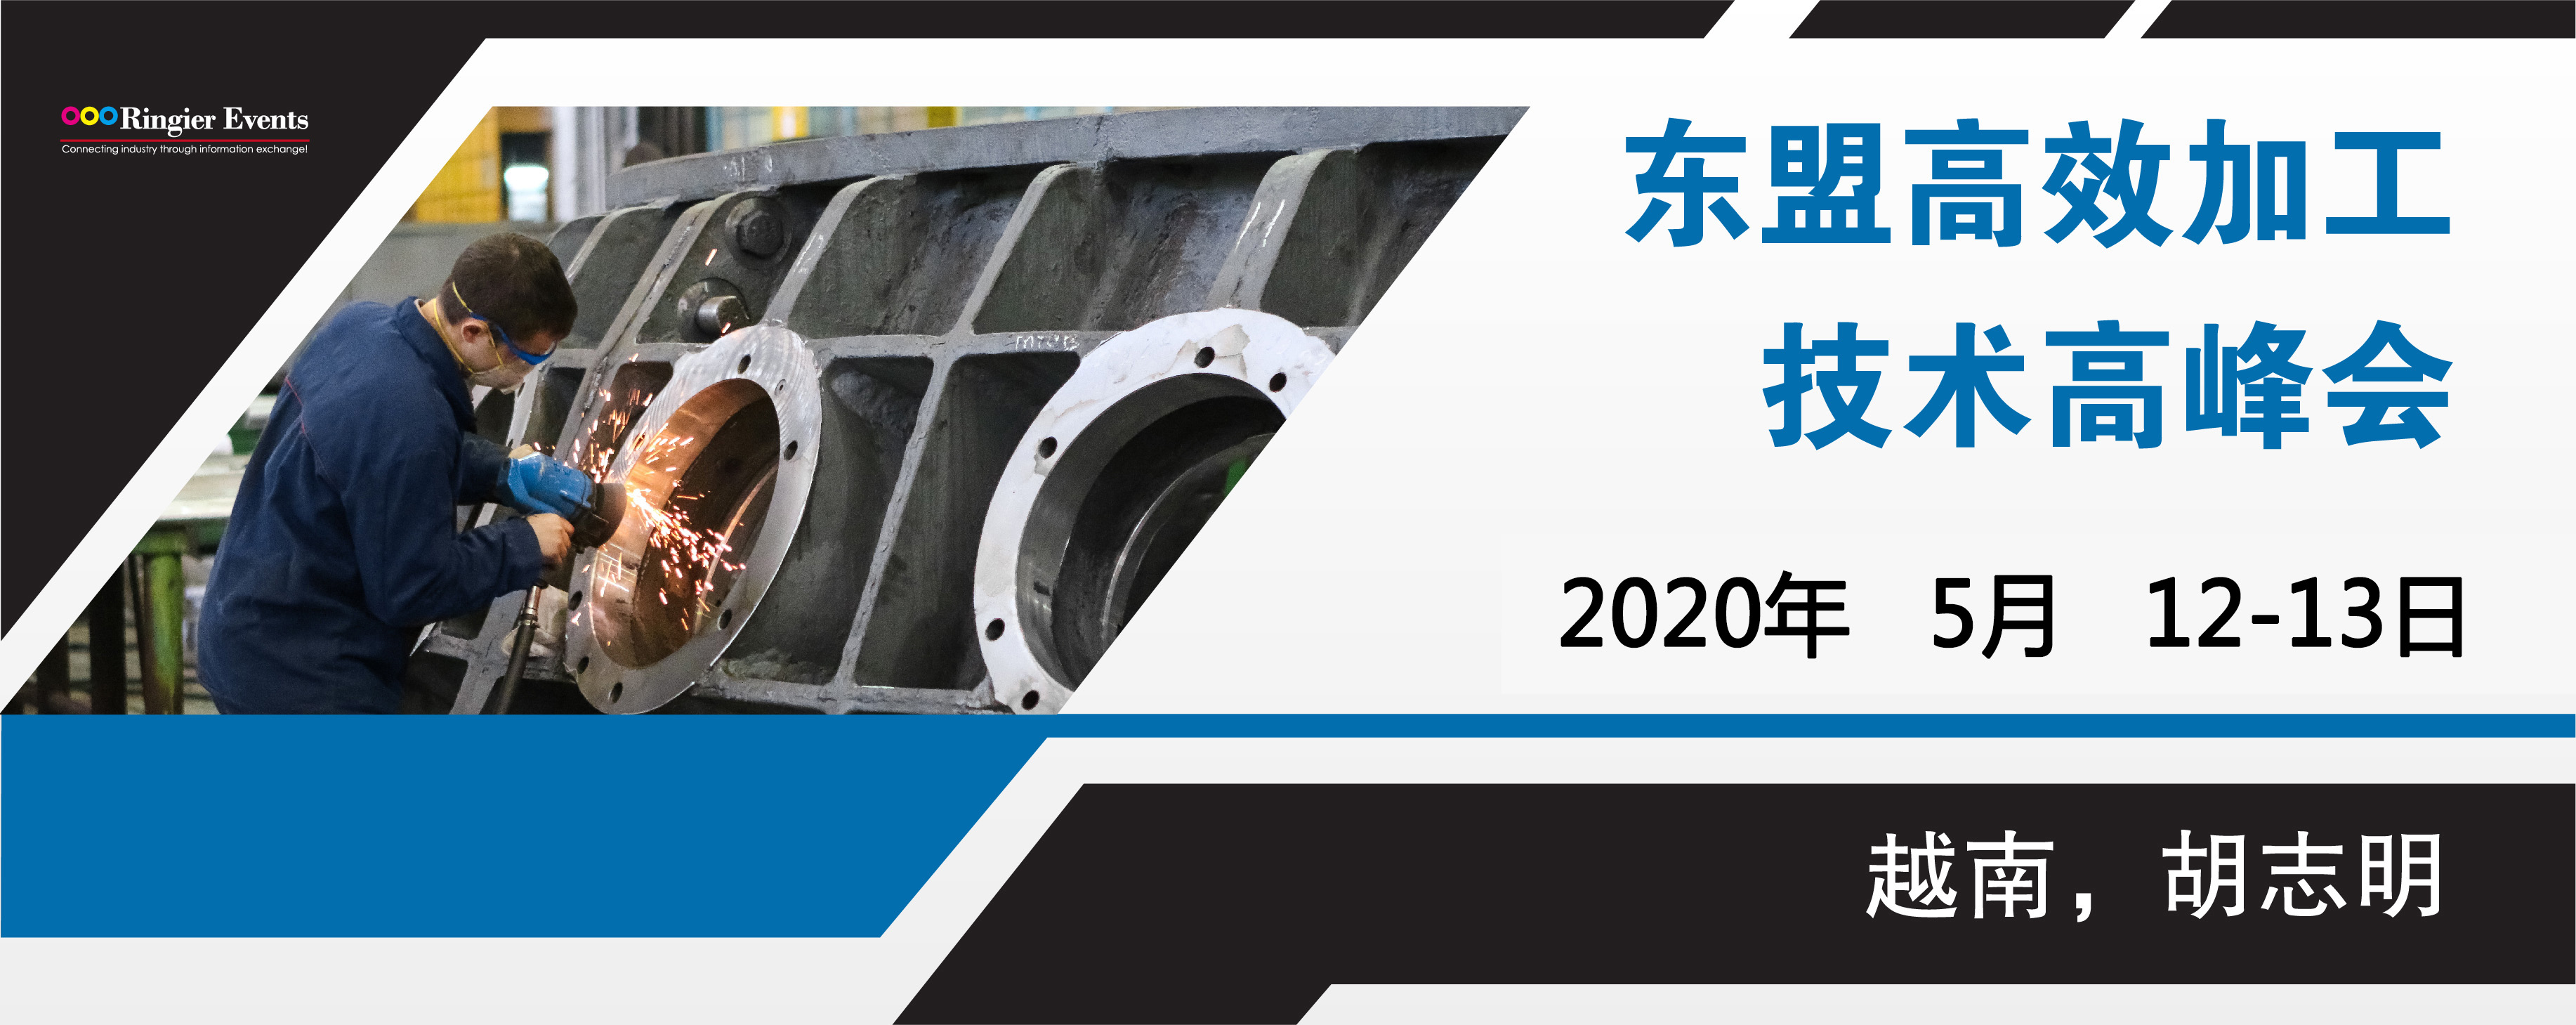 2020年东盟高效加工技术高峰会— 汽车零部件, 3C,家用电器